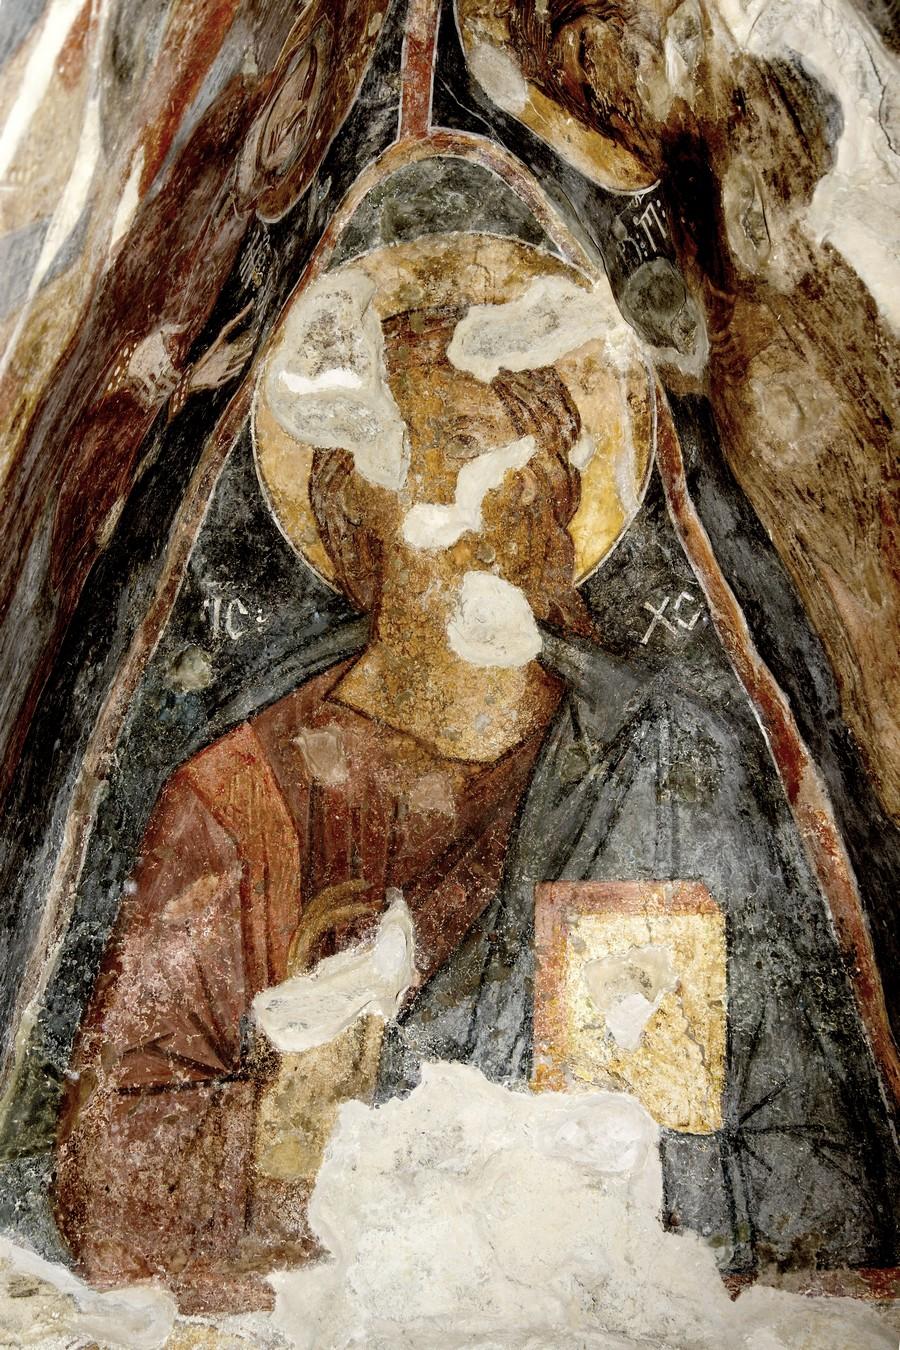 Христос Пантократор (Вседержитель). ФрескаНузальской церкви (Северная Осетия). Конец XIII - начало XIV века.